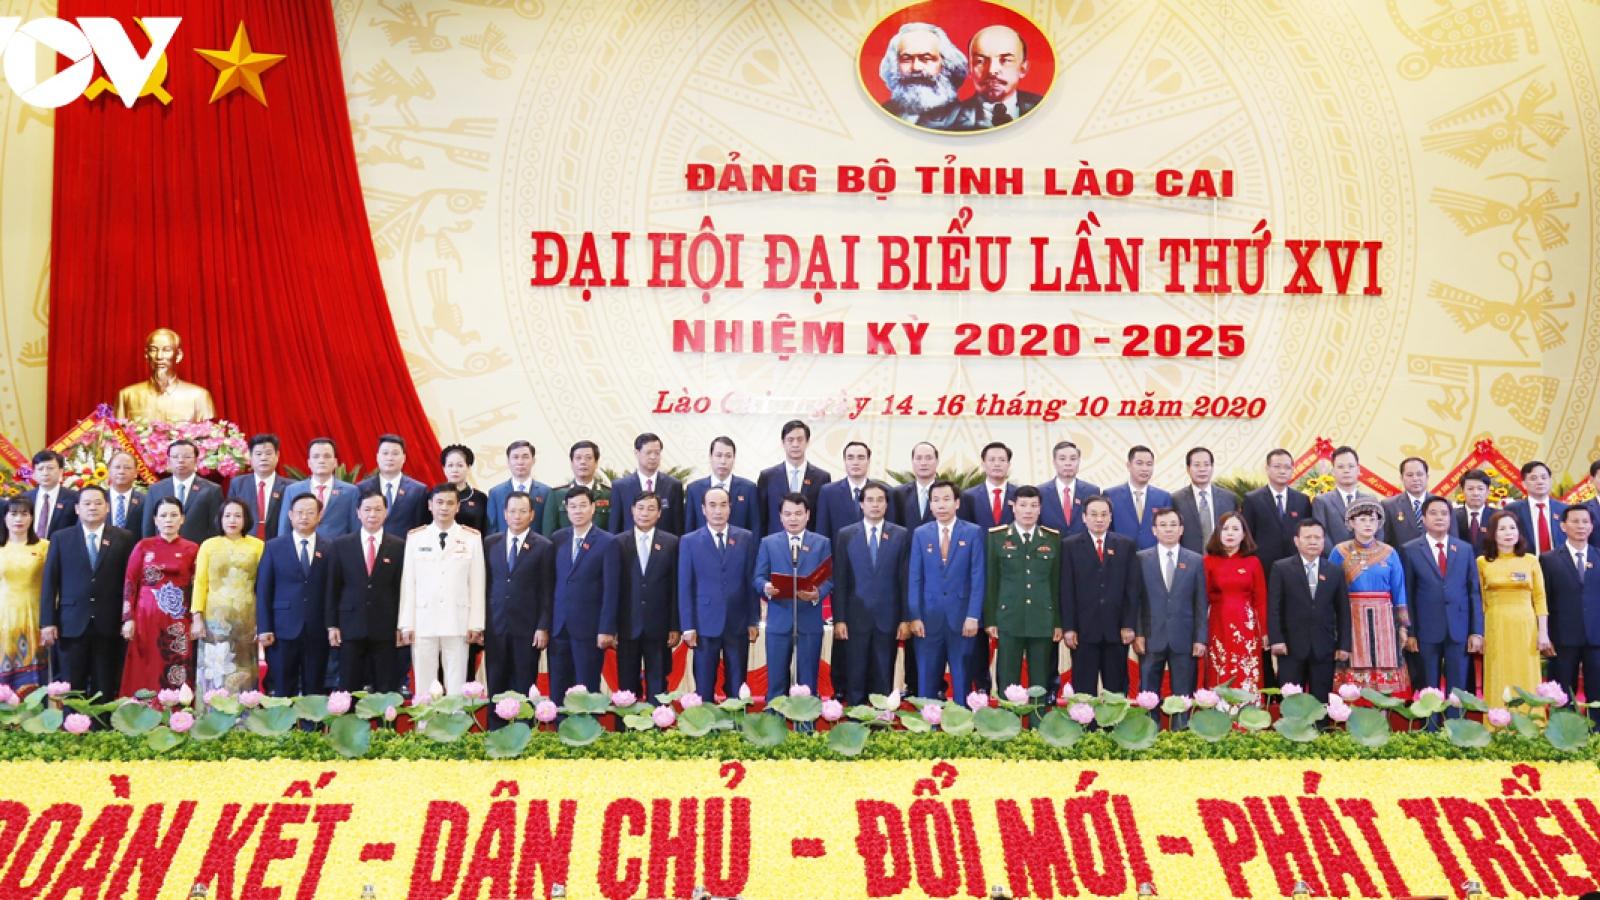 """Tân Bí thư Tỉnh ủy Lào Cai: """"Người Lào Cai có quyền tự hào nhưng không được tự mãn"""""""